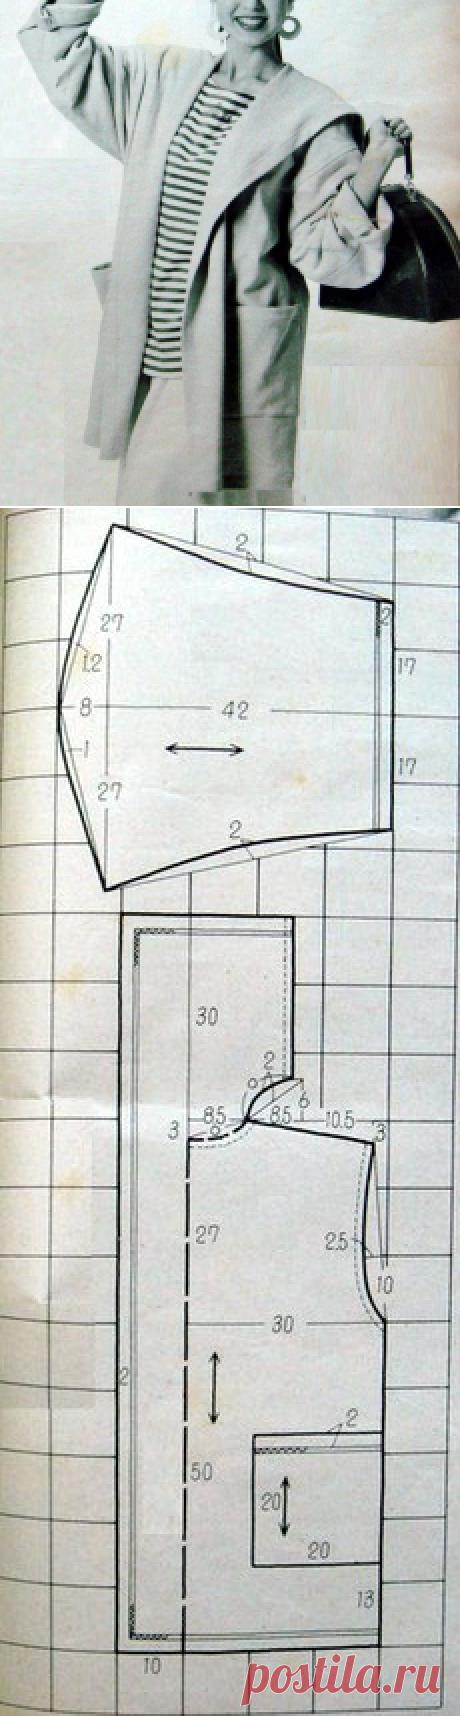 Простые выкройки | простые вещи | ВКонтакте